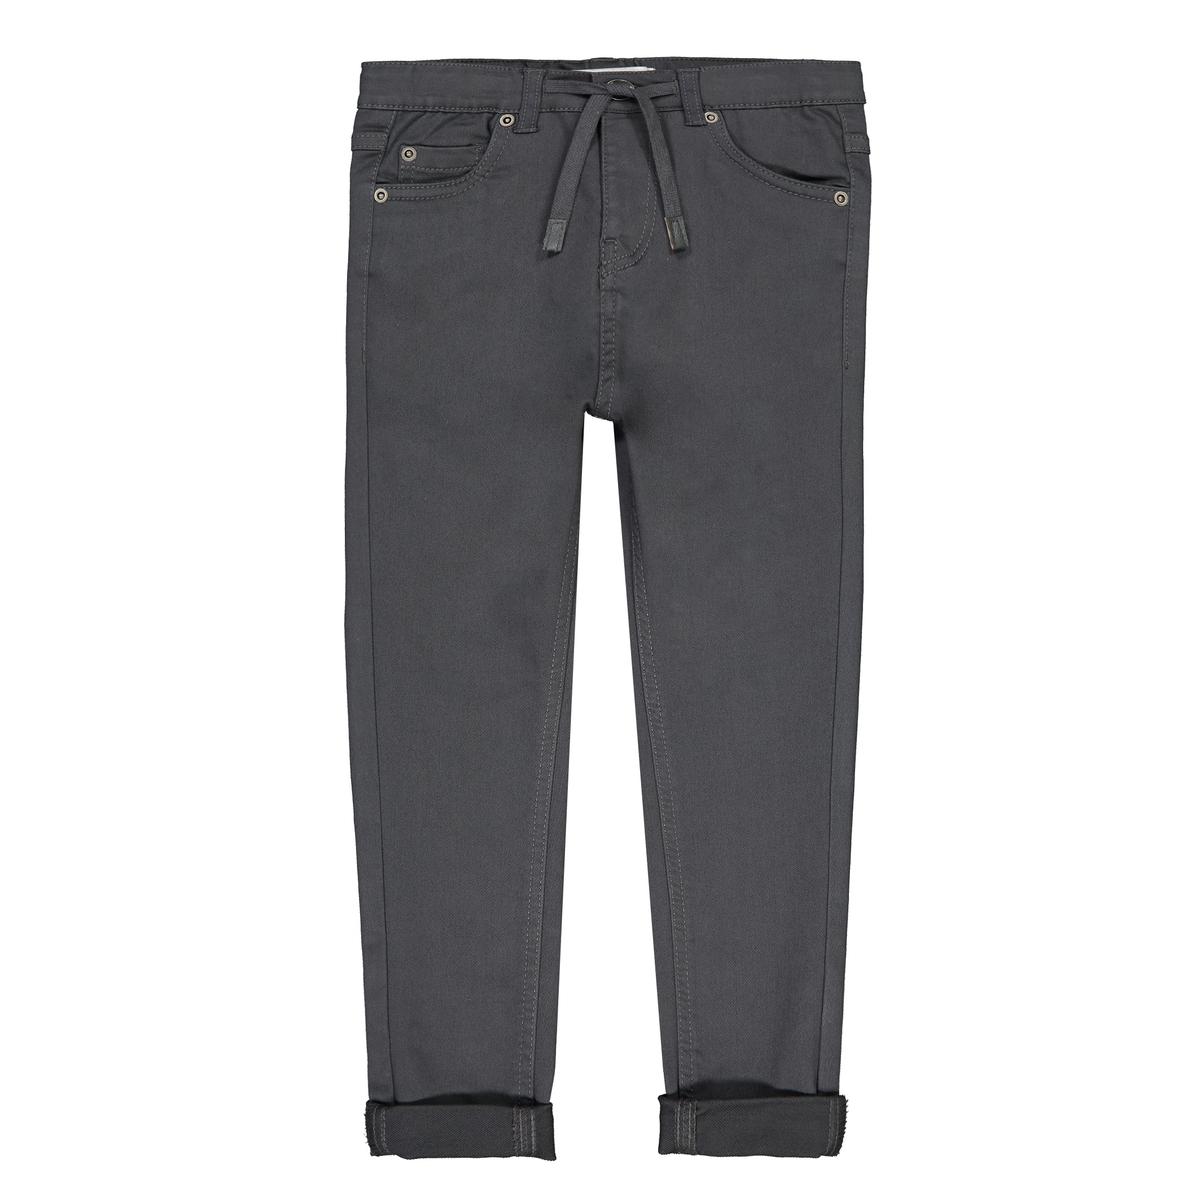 Брюки La Redoute Узкие 10 лет - 138 см серый брюки la redoute 10 лет 138 см зеленый